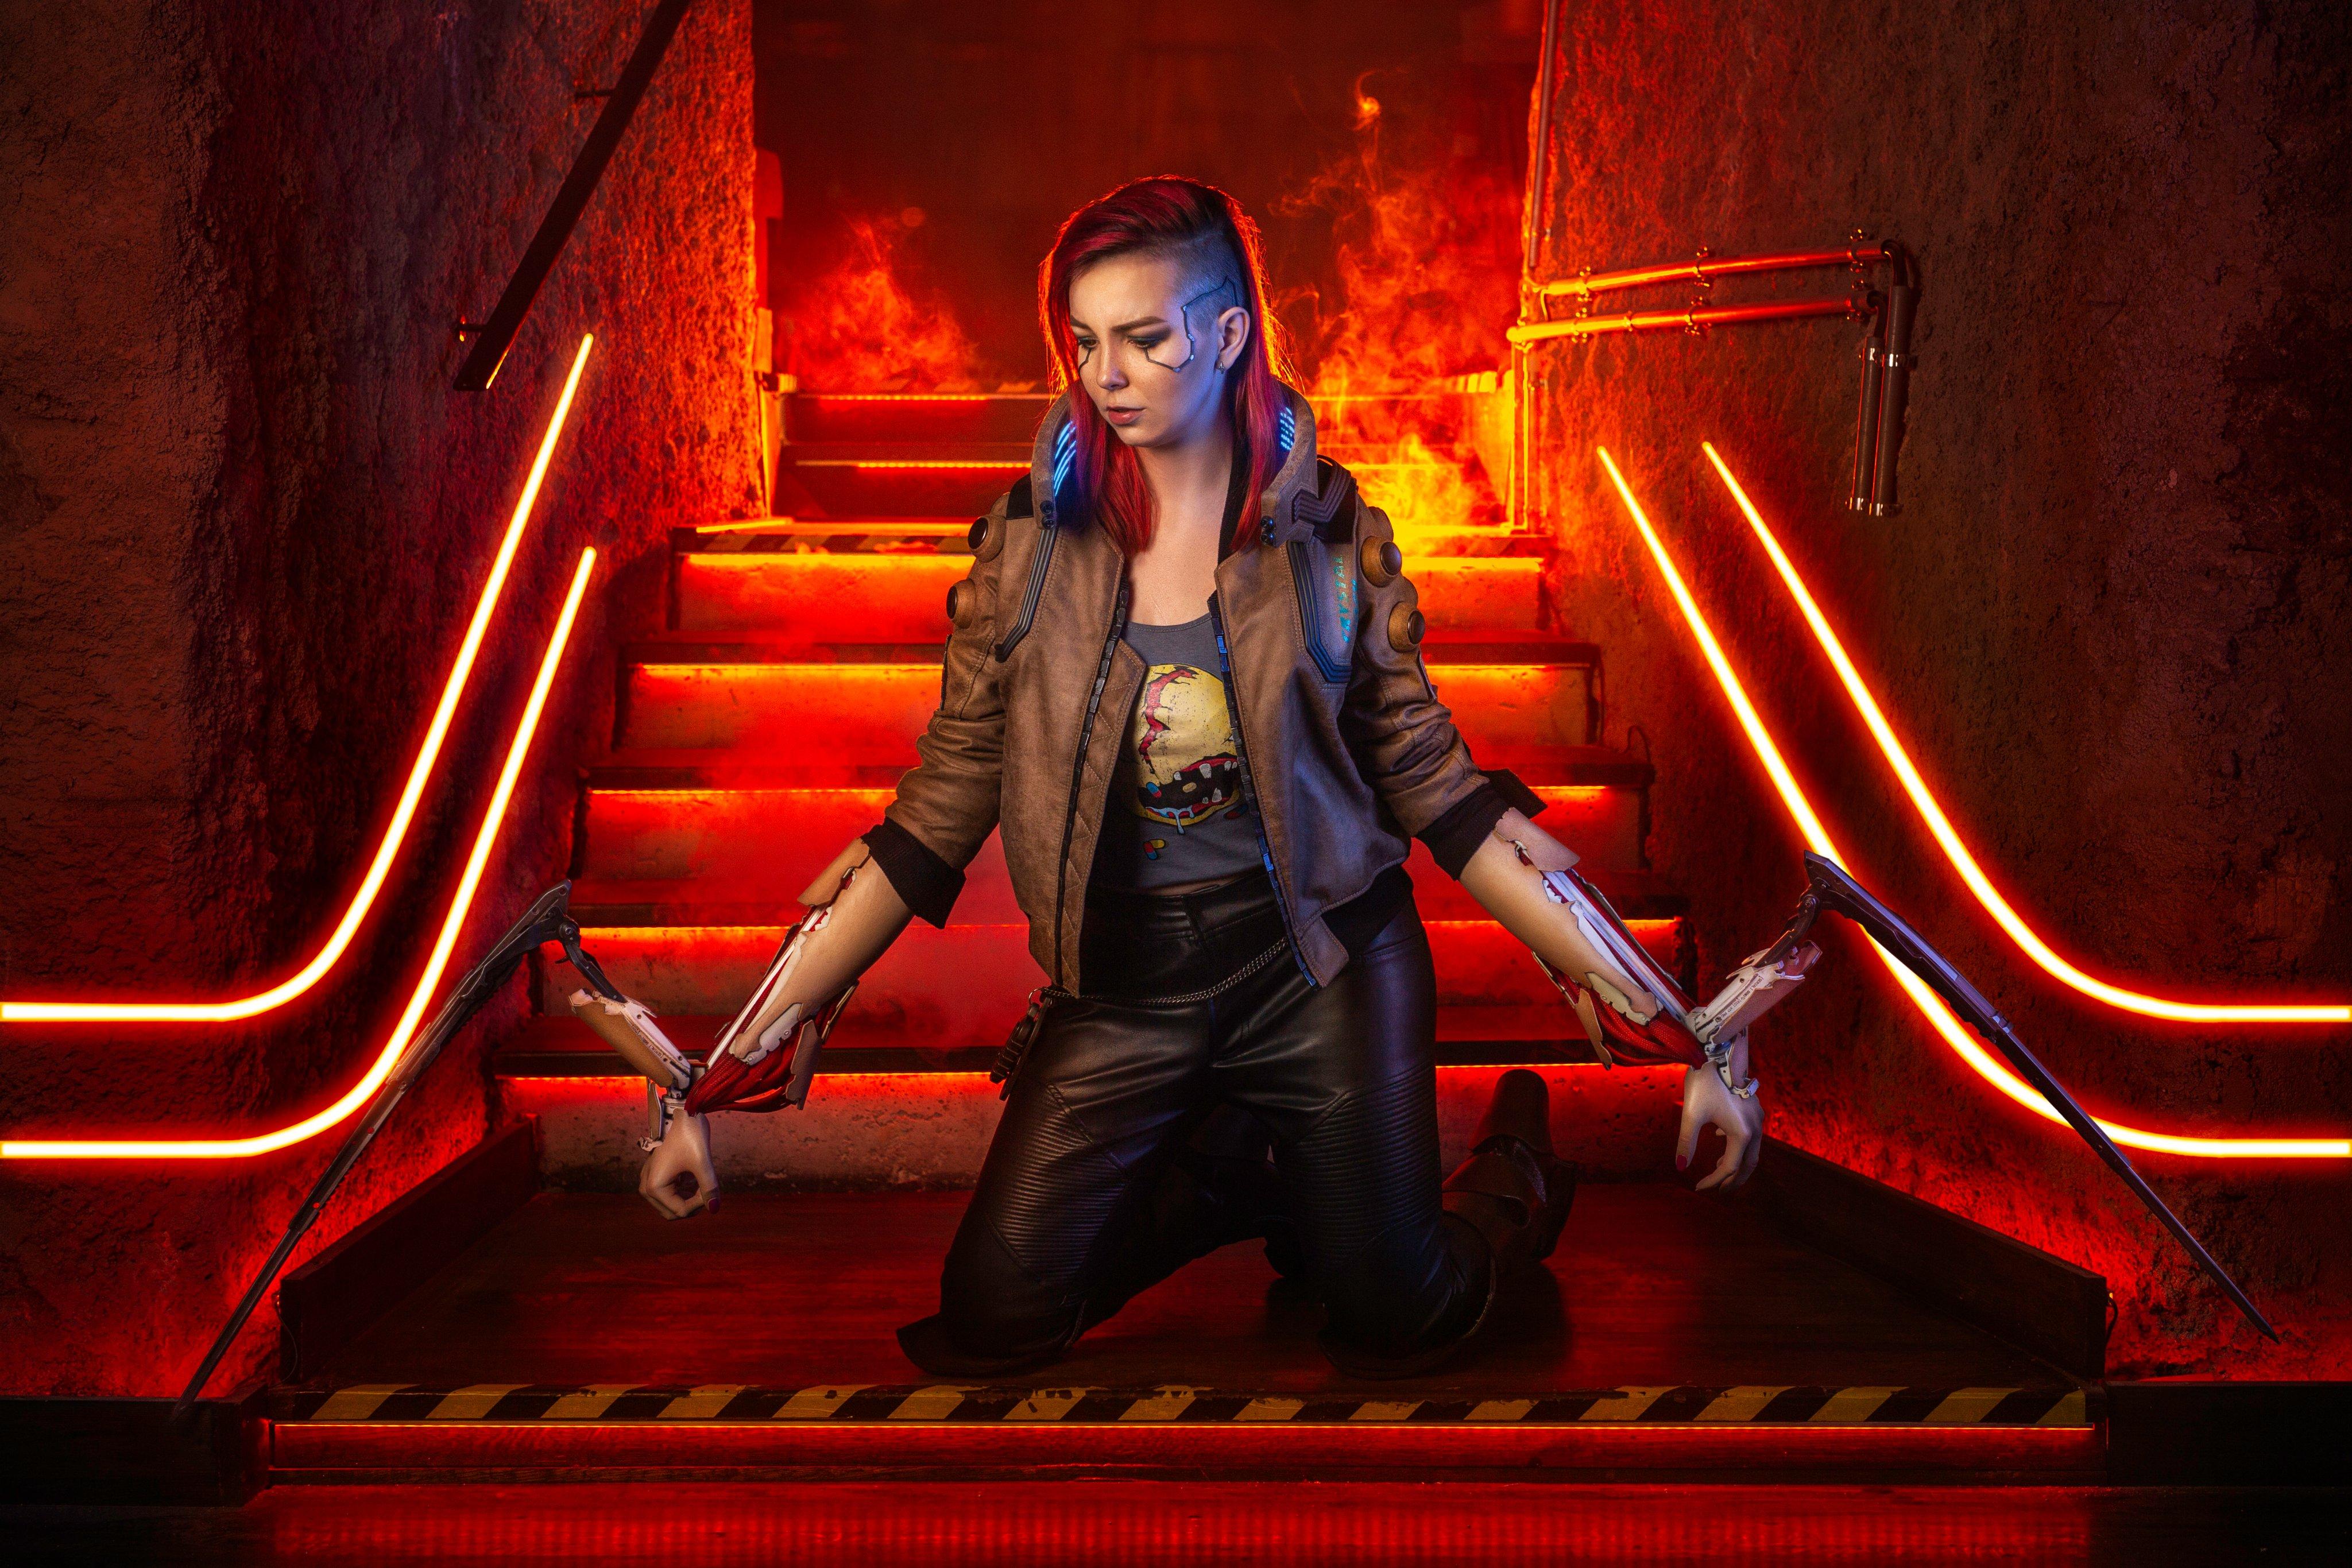 Fondos de pantalla V en Cyberpunk 2077 Cosplay